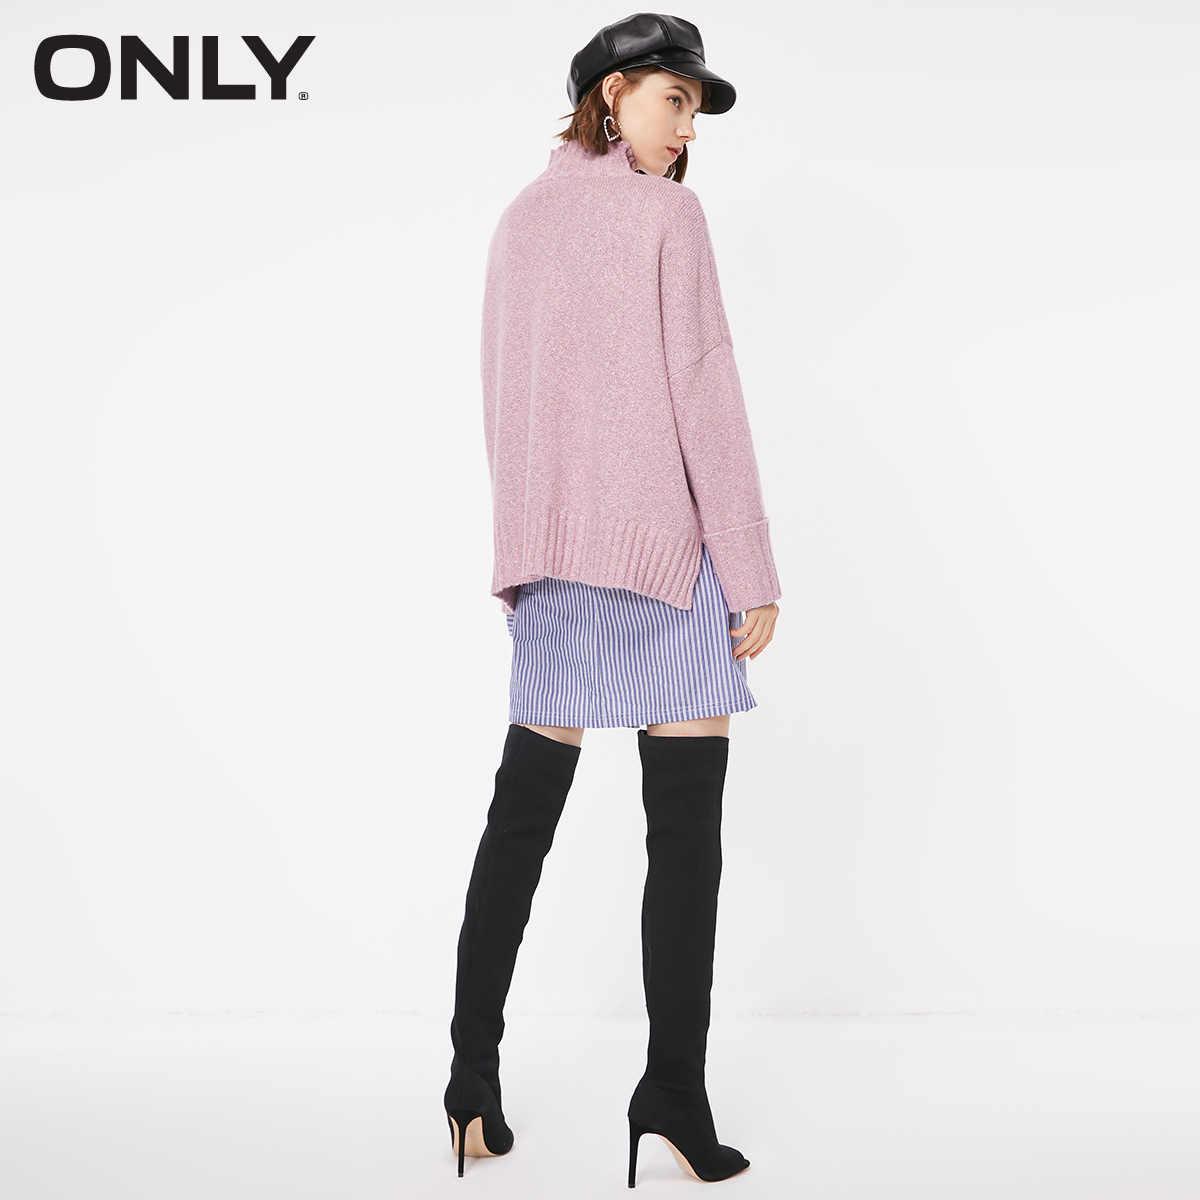 Только осень и зима новый высокий воротник теплый свитер женский | 118313521